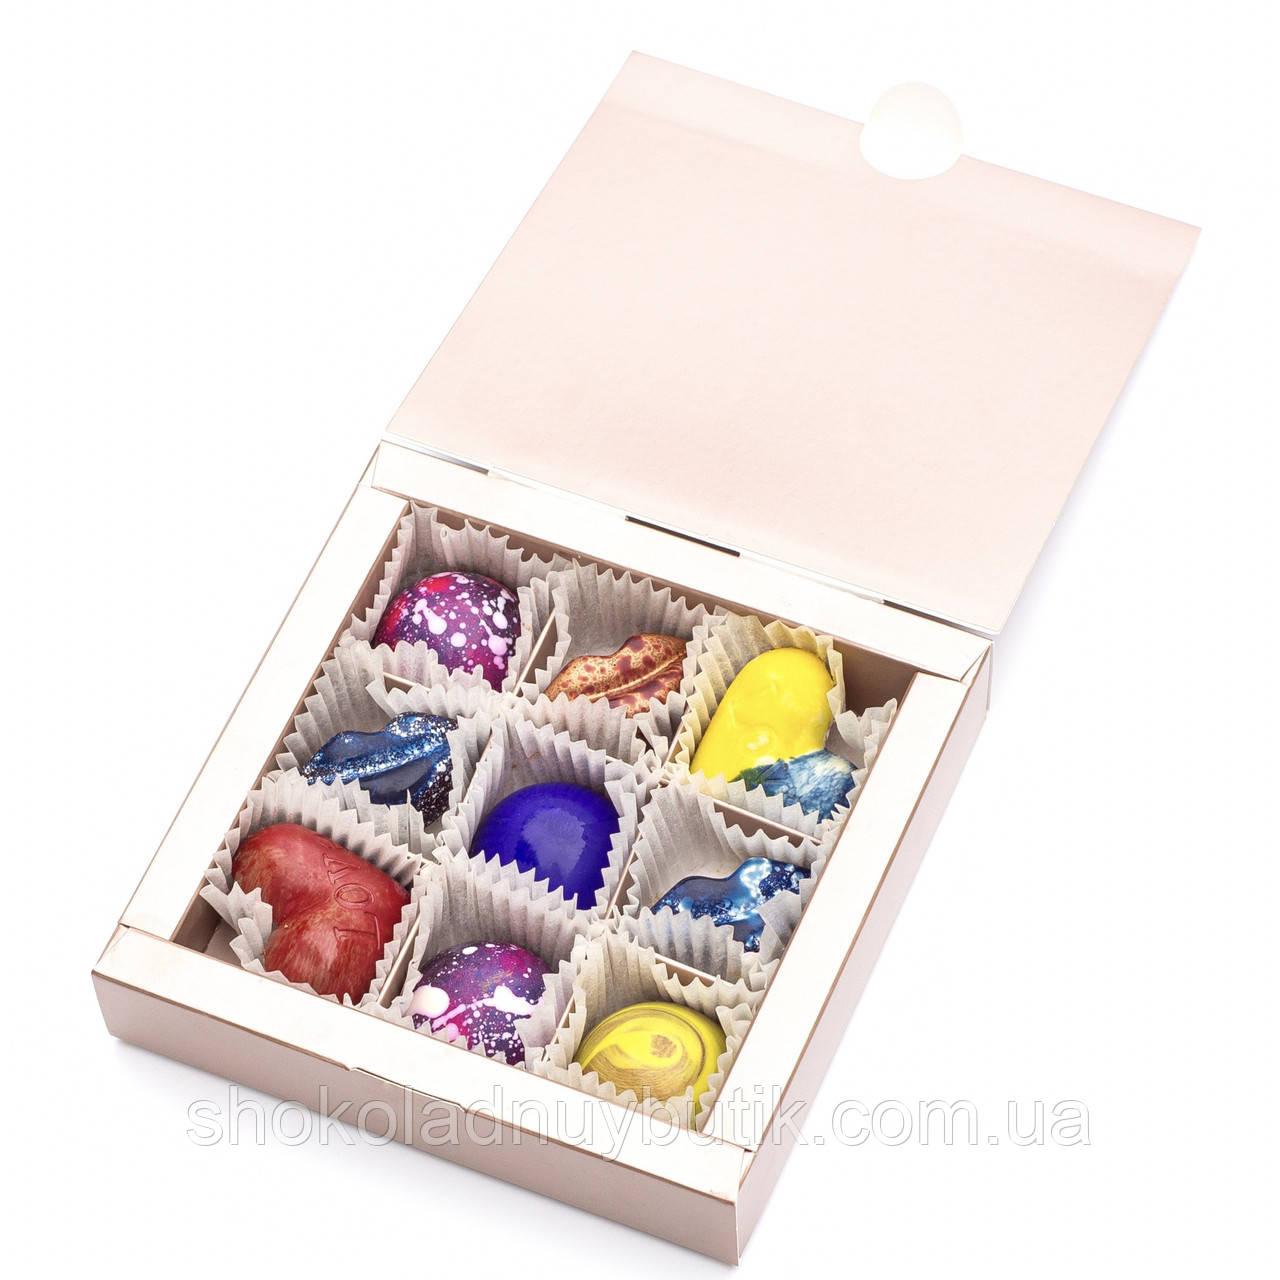 Шоколадные конфеты ручной роботы *Коробка металлик на 9шт.*